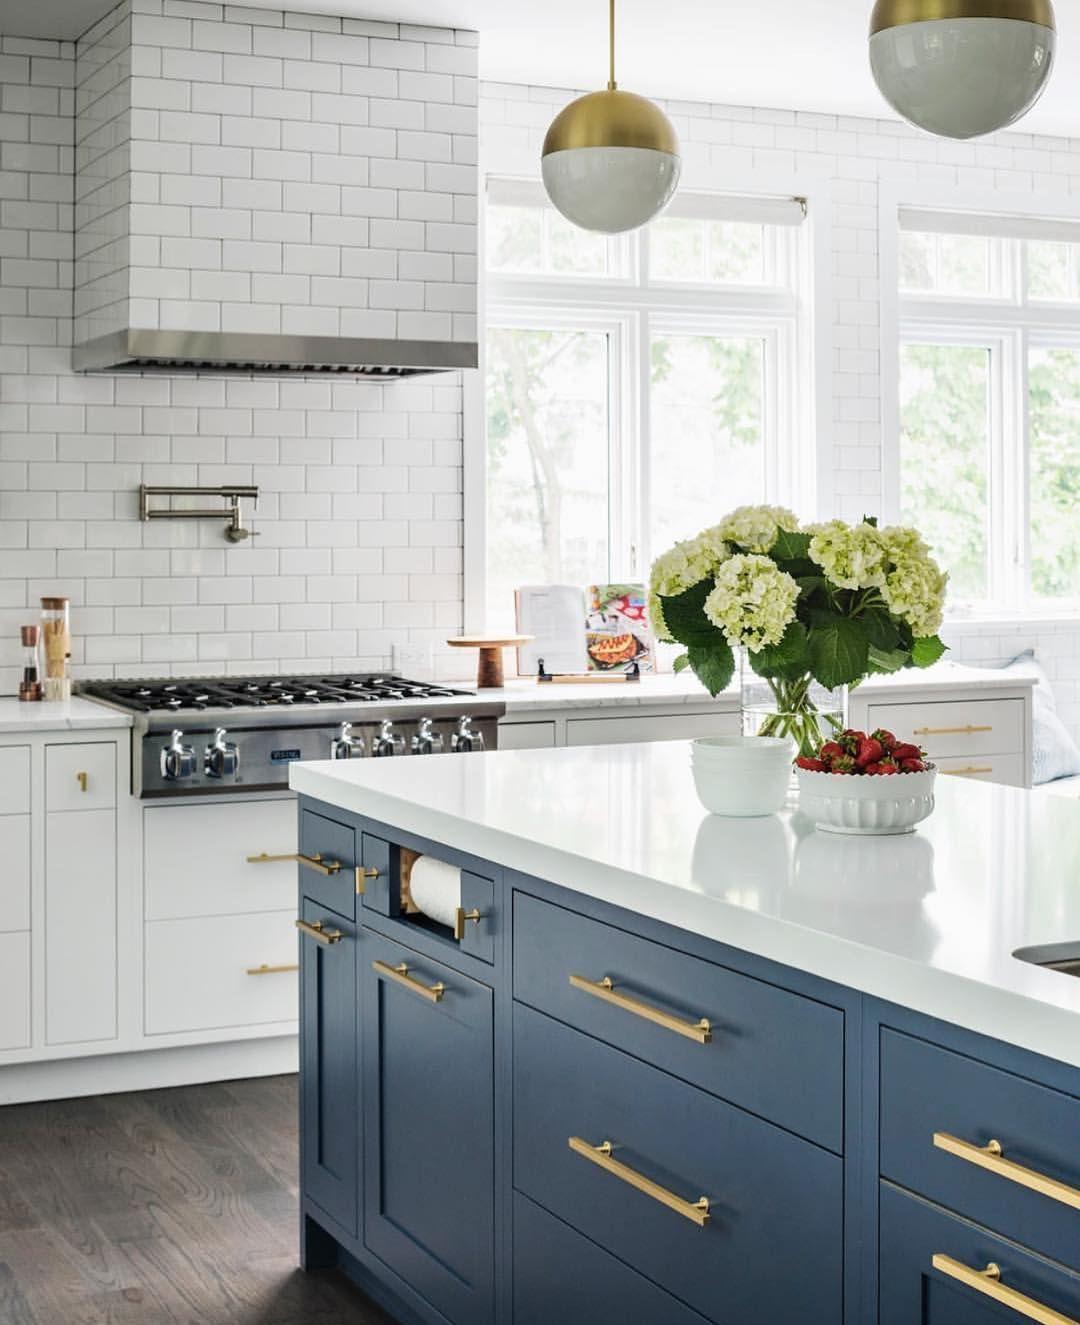 Best Kitchens Of Instagram Kitchens Of Insta • Instagram 400 x 300